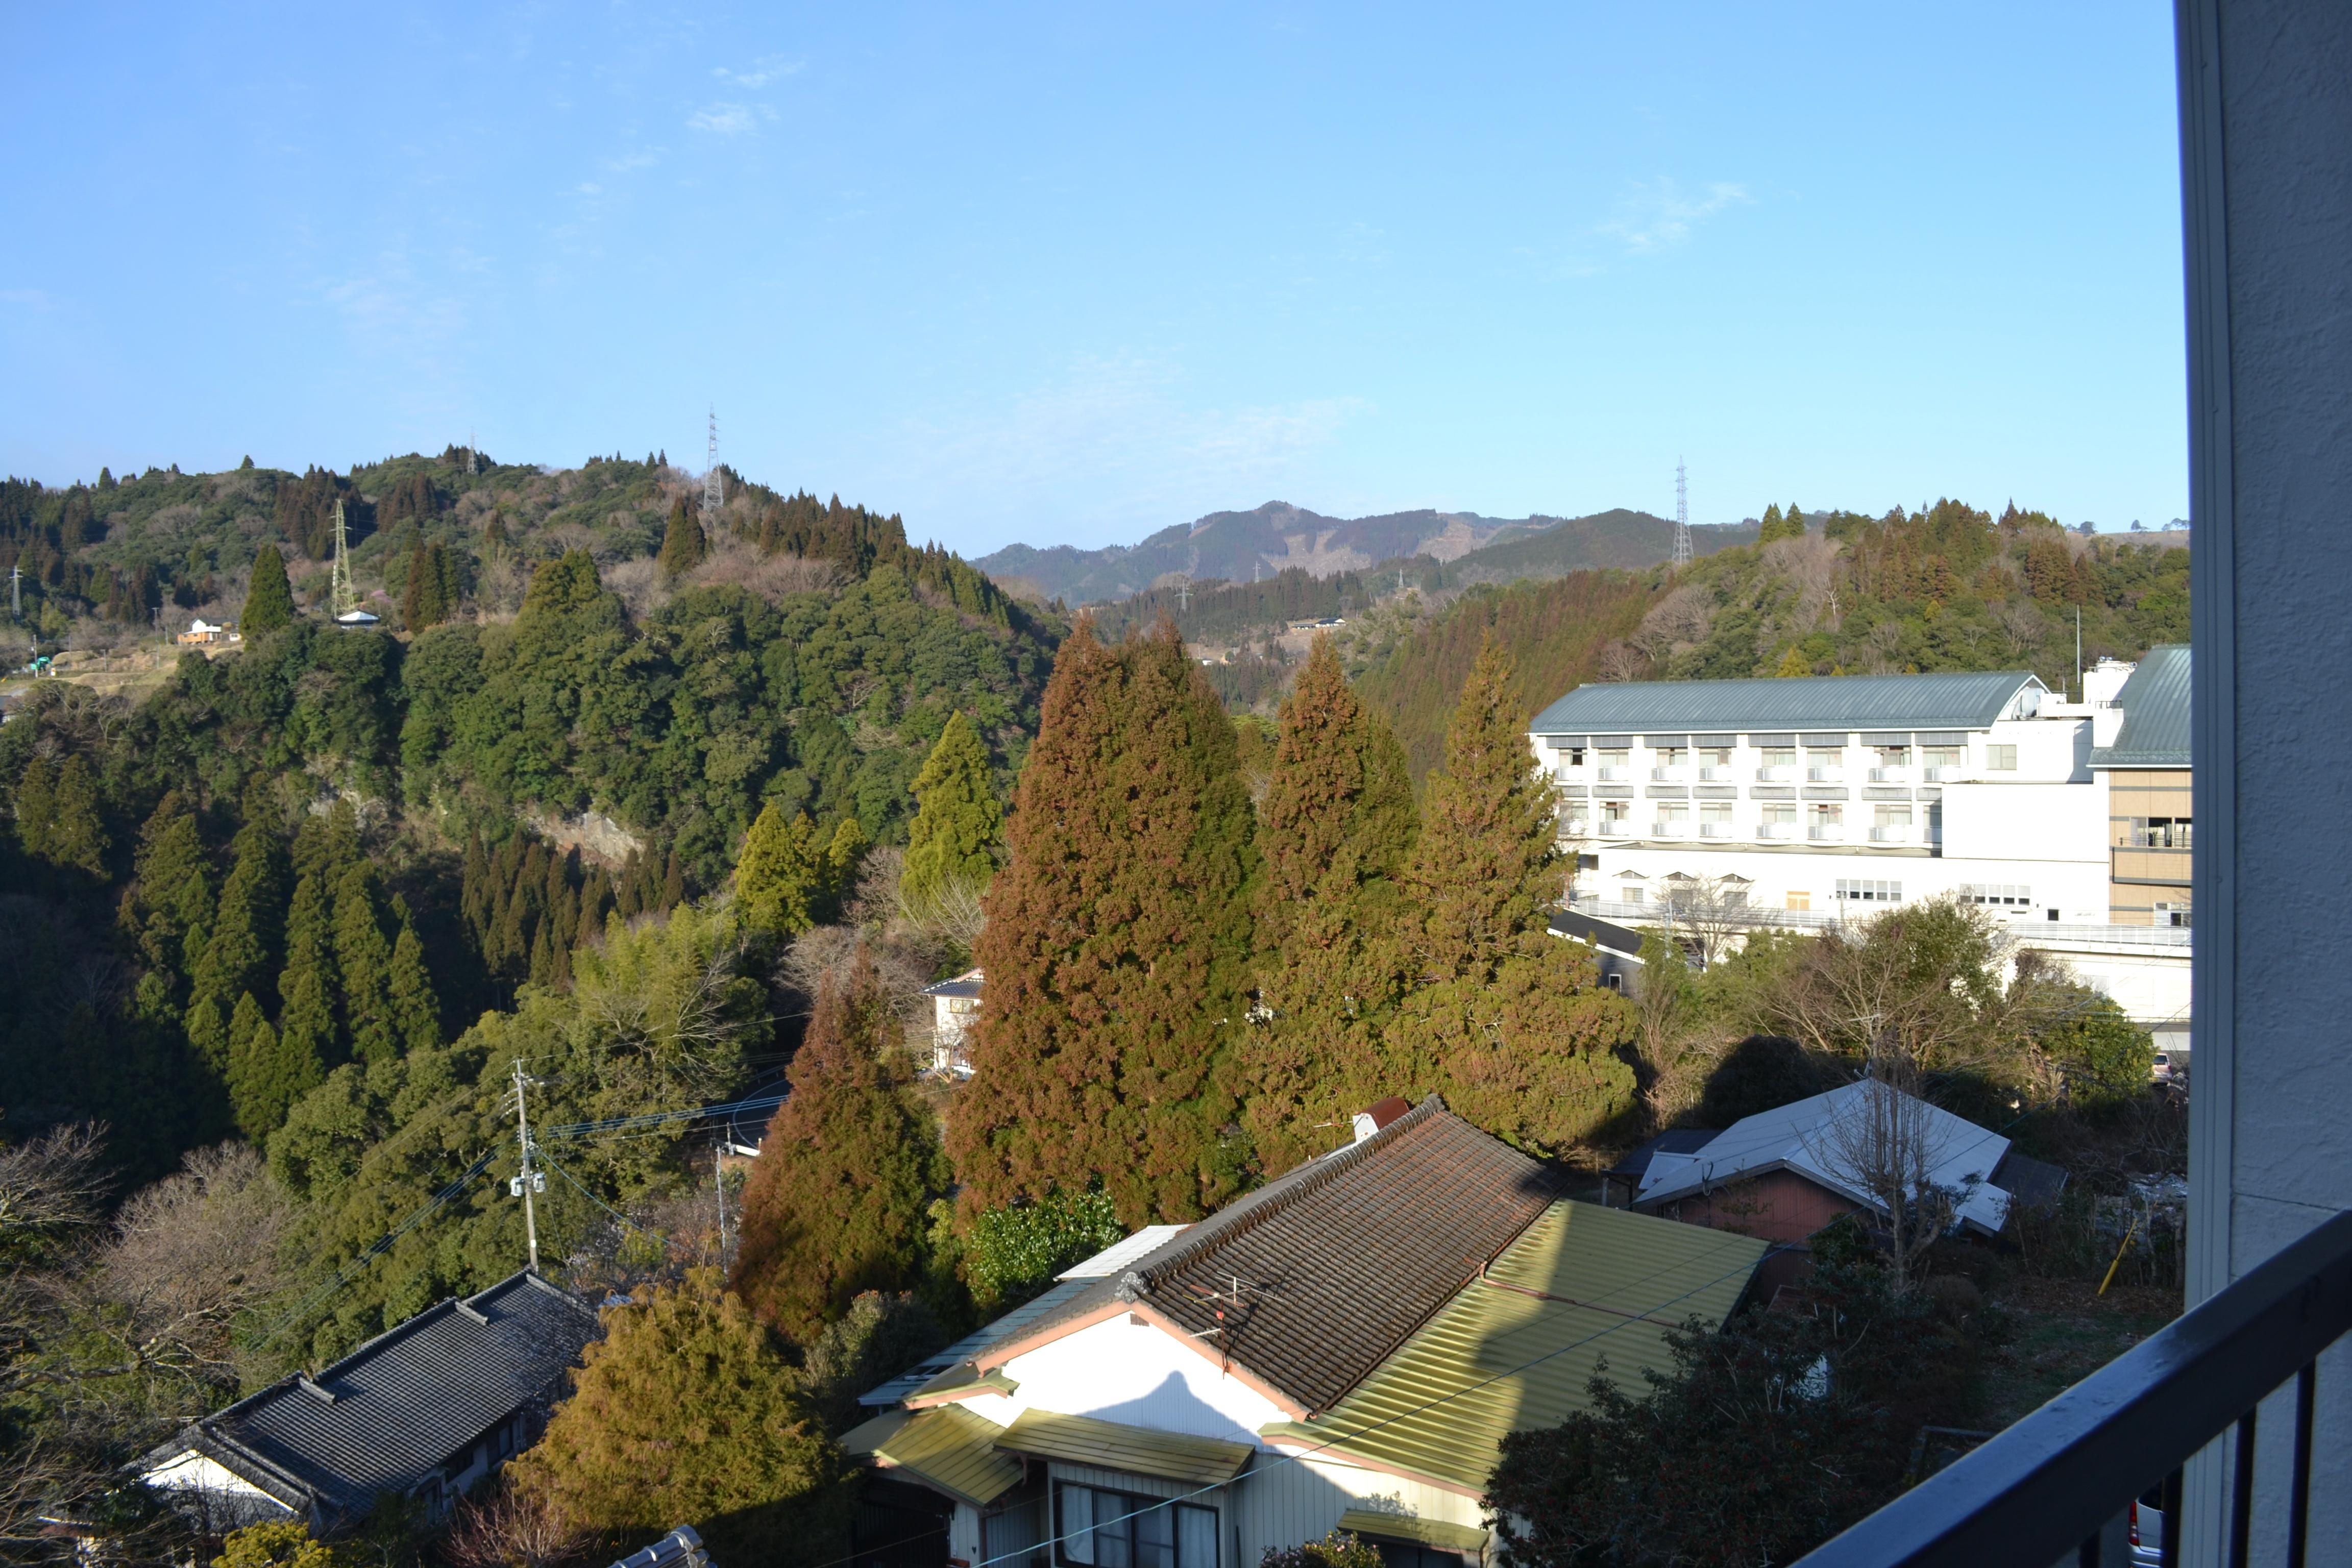 高千穂に着いて初めての朝を迎えた宿からの景色が綺麗だった。